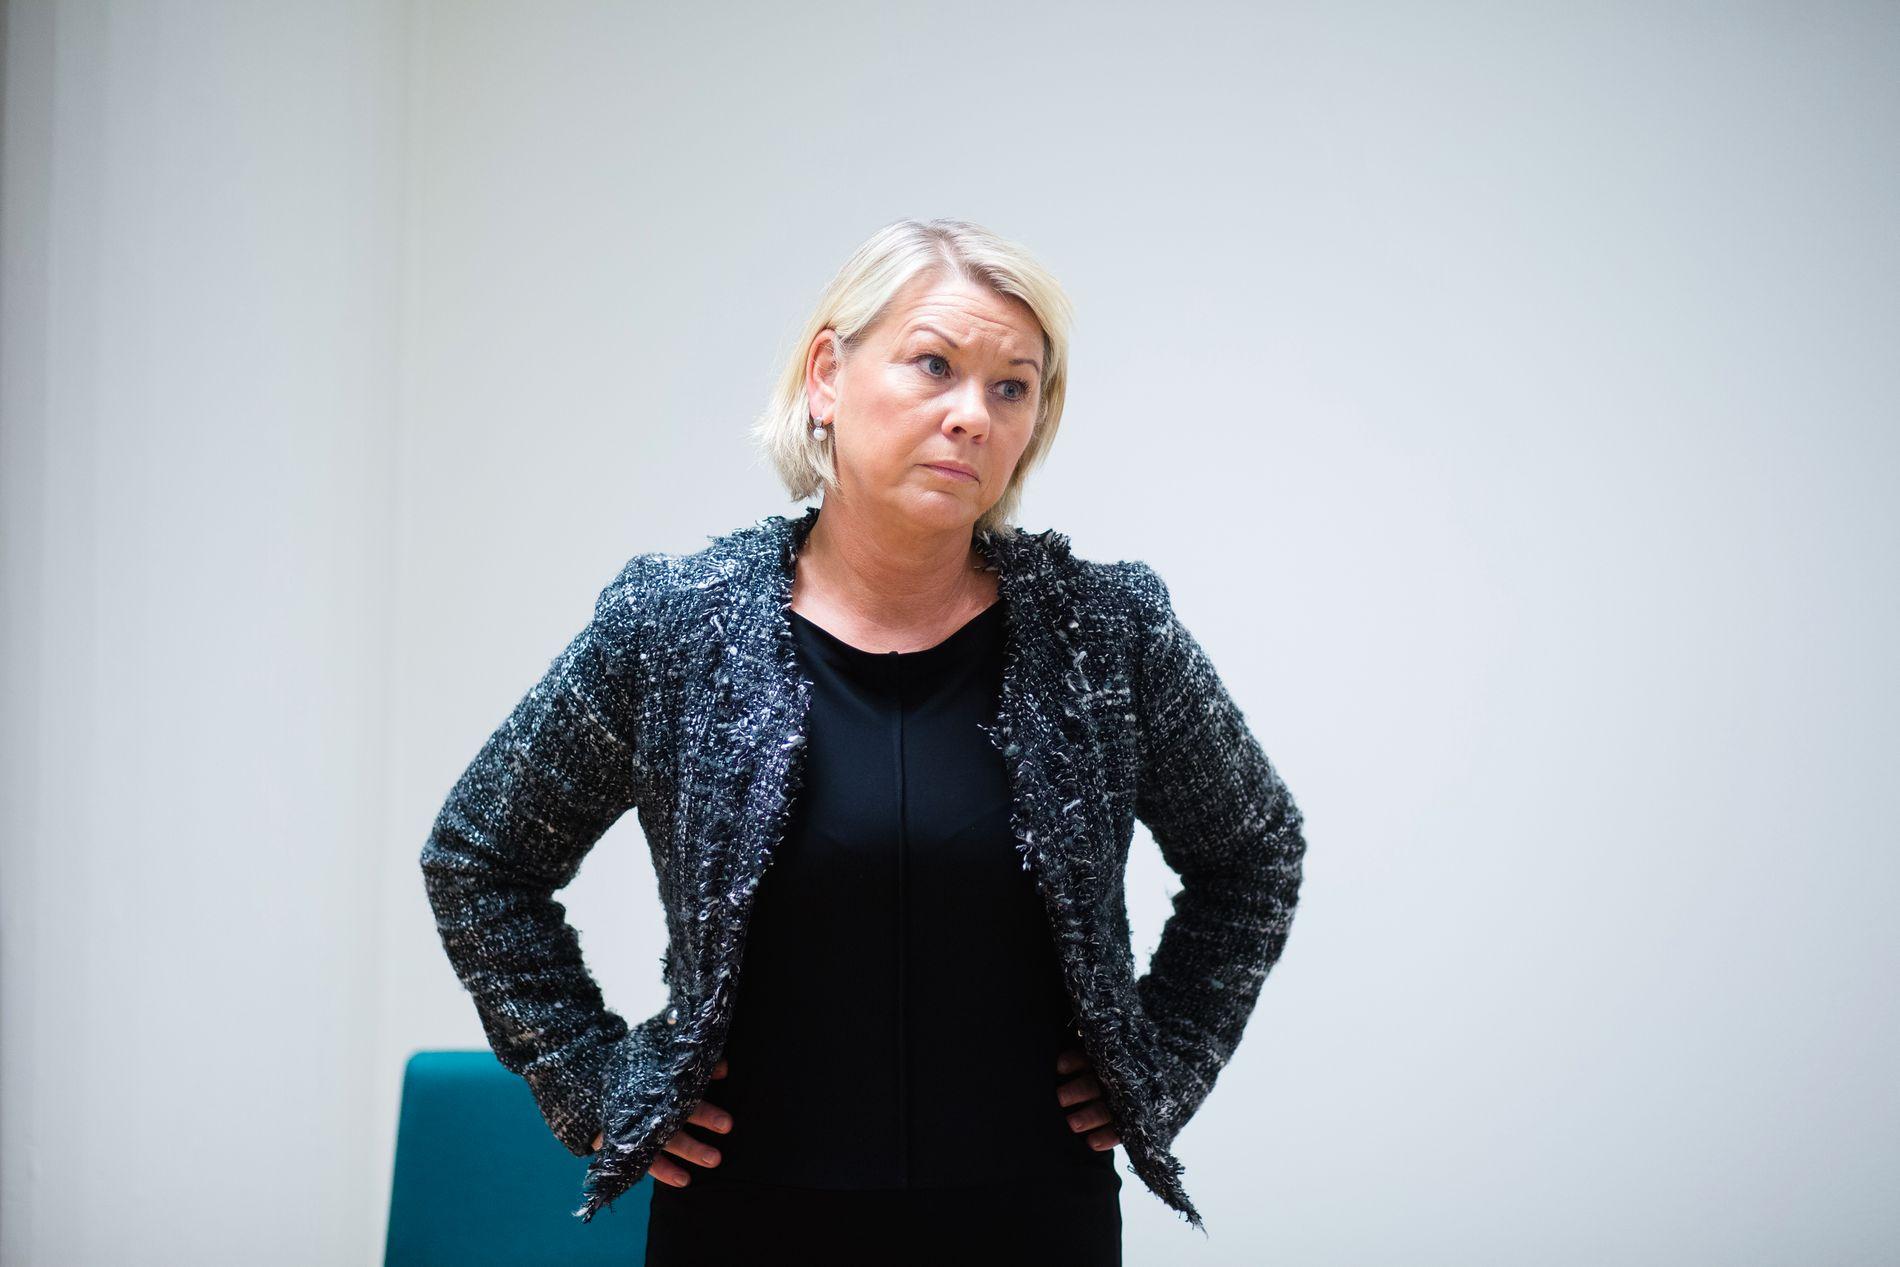 FÅR TROMS/FINNMARK I FANGET: Kommunal- og moderniseringsminister Monica Mæland (H) får besøk fra både Troms og Finnmark på sitt kontor i Akersgata i Oslo torsdag.